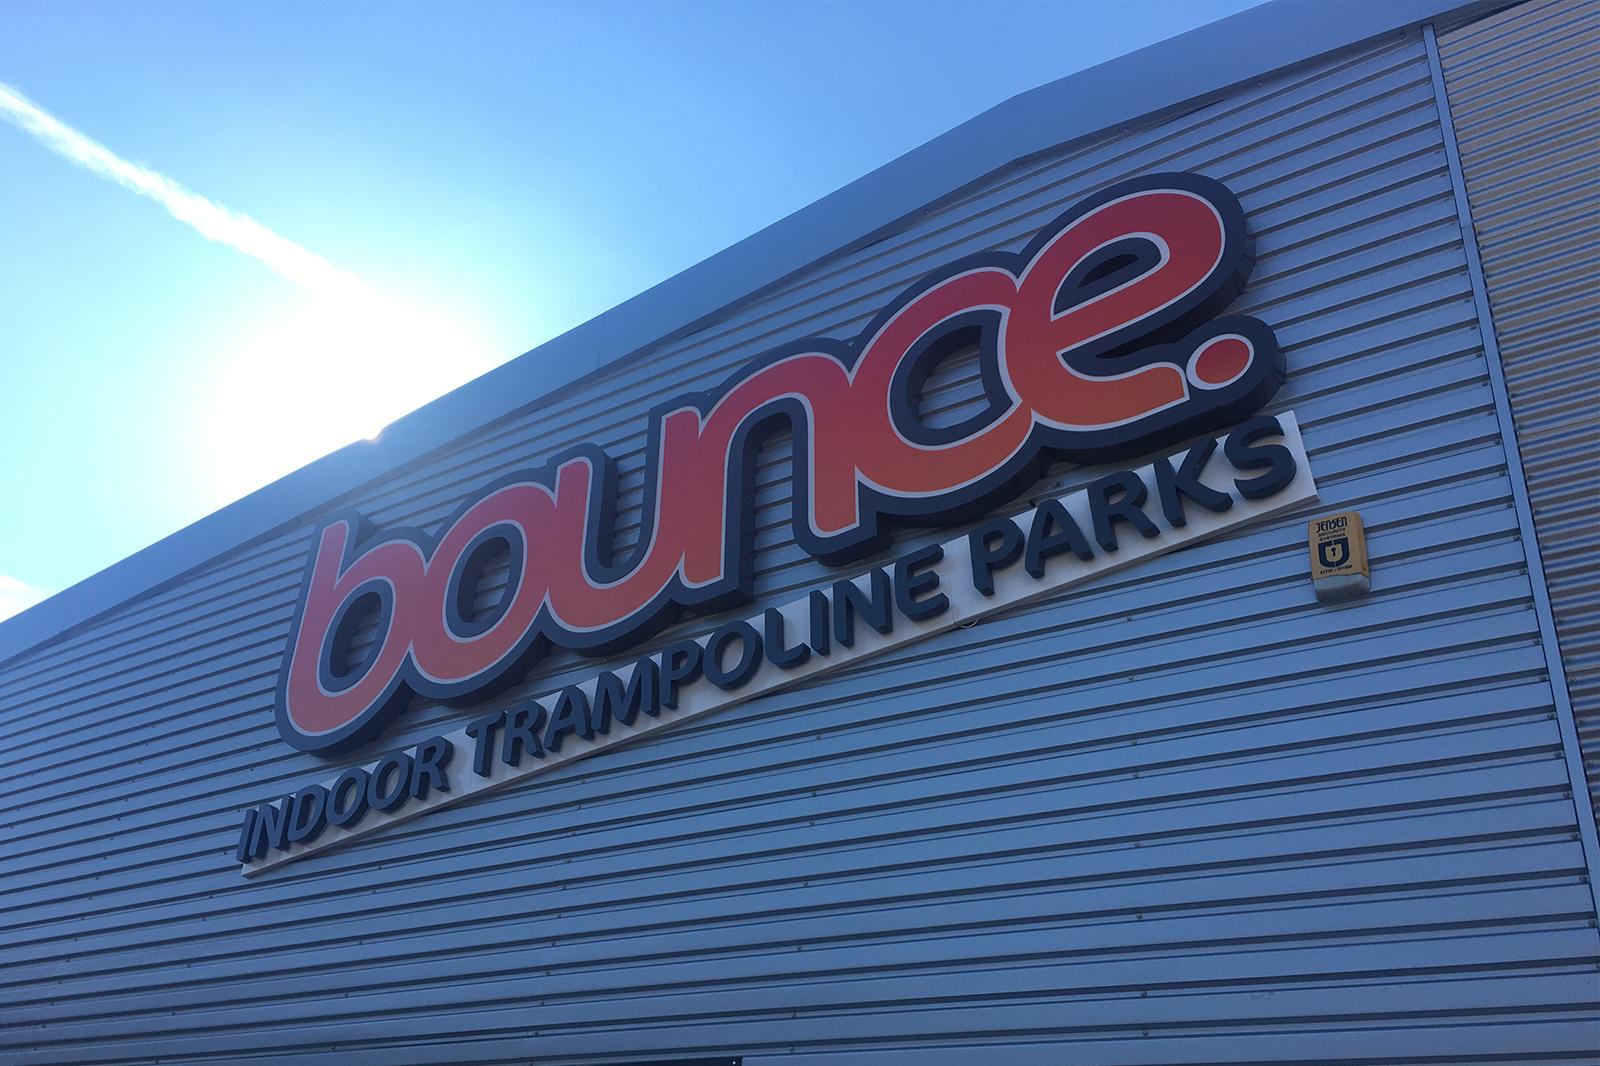 Bounce Indoor Trampoline Park, Peterborough